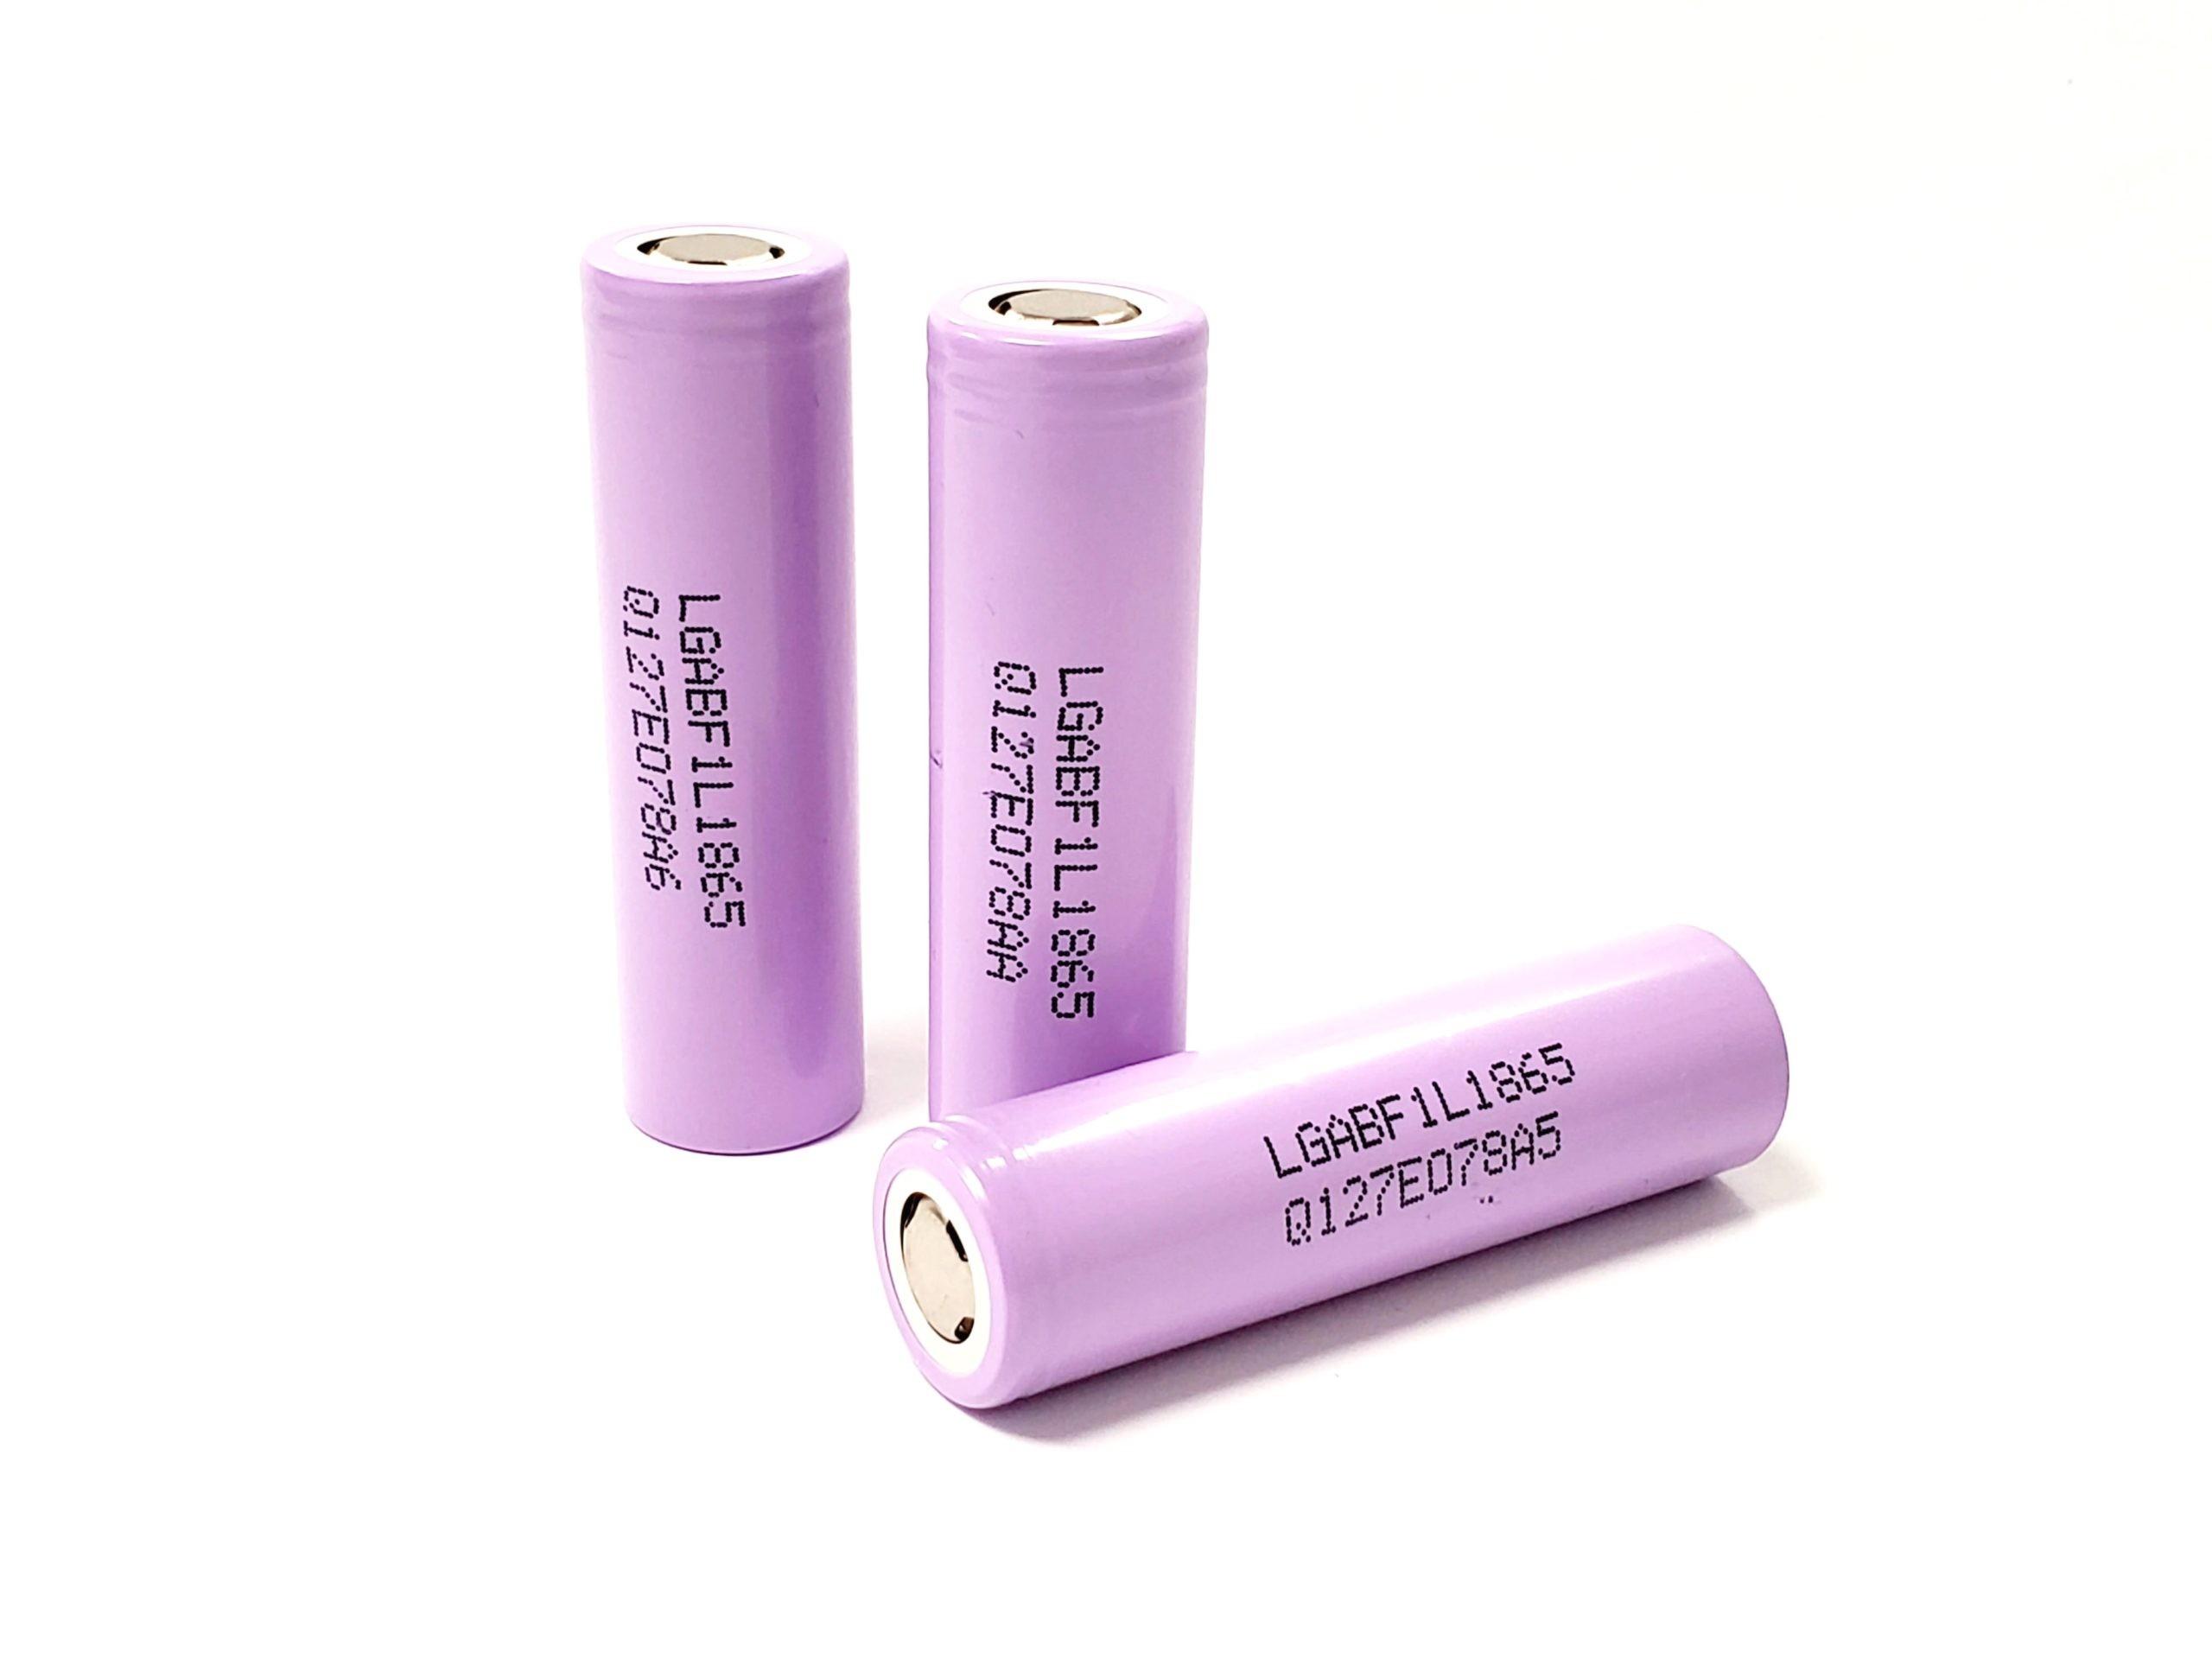 Батерия LG ABF1L18650 3350mAh 4.87A